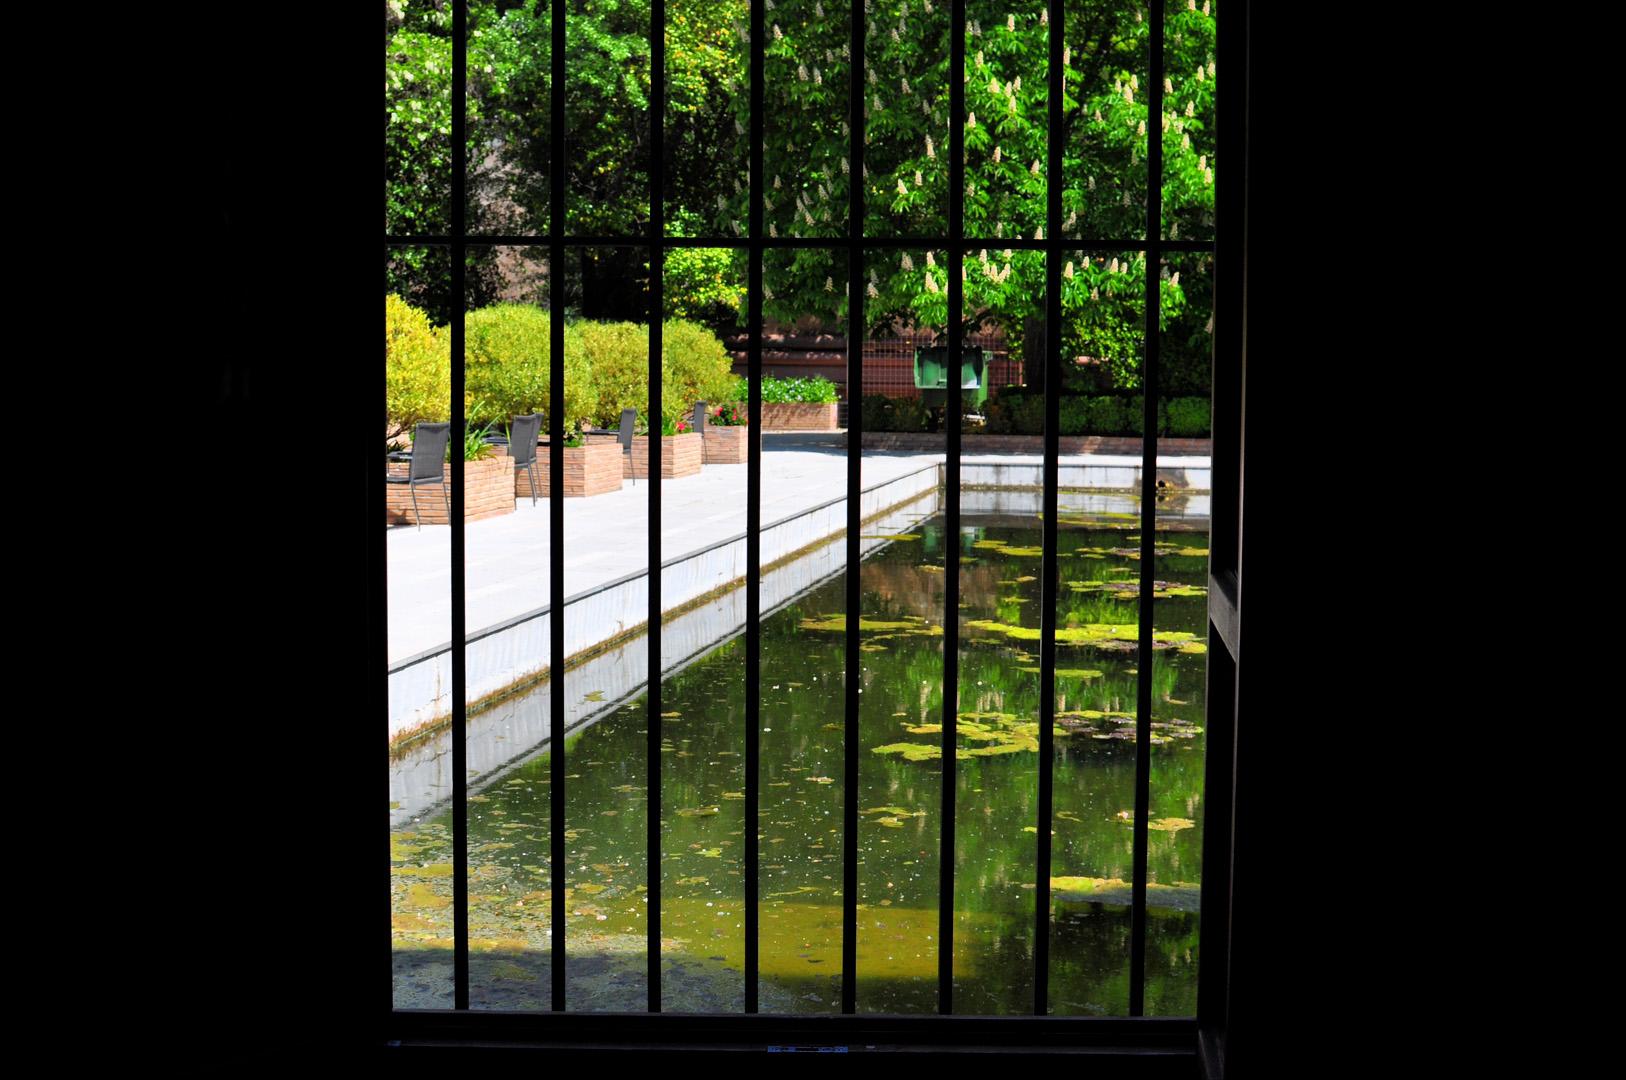 Vista al jardín desde la habitación